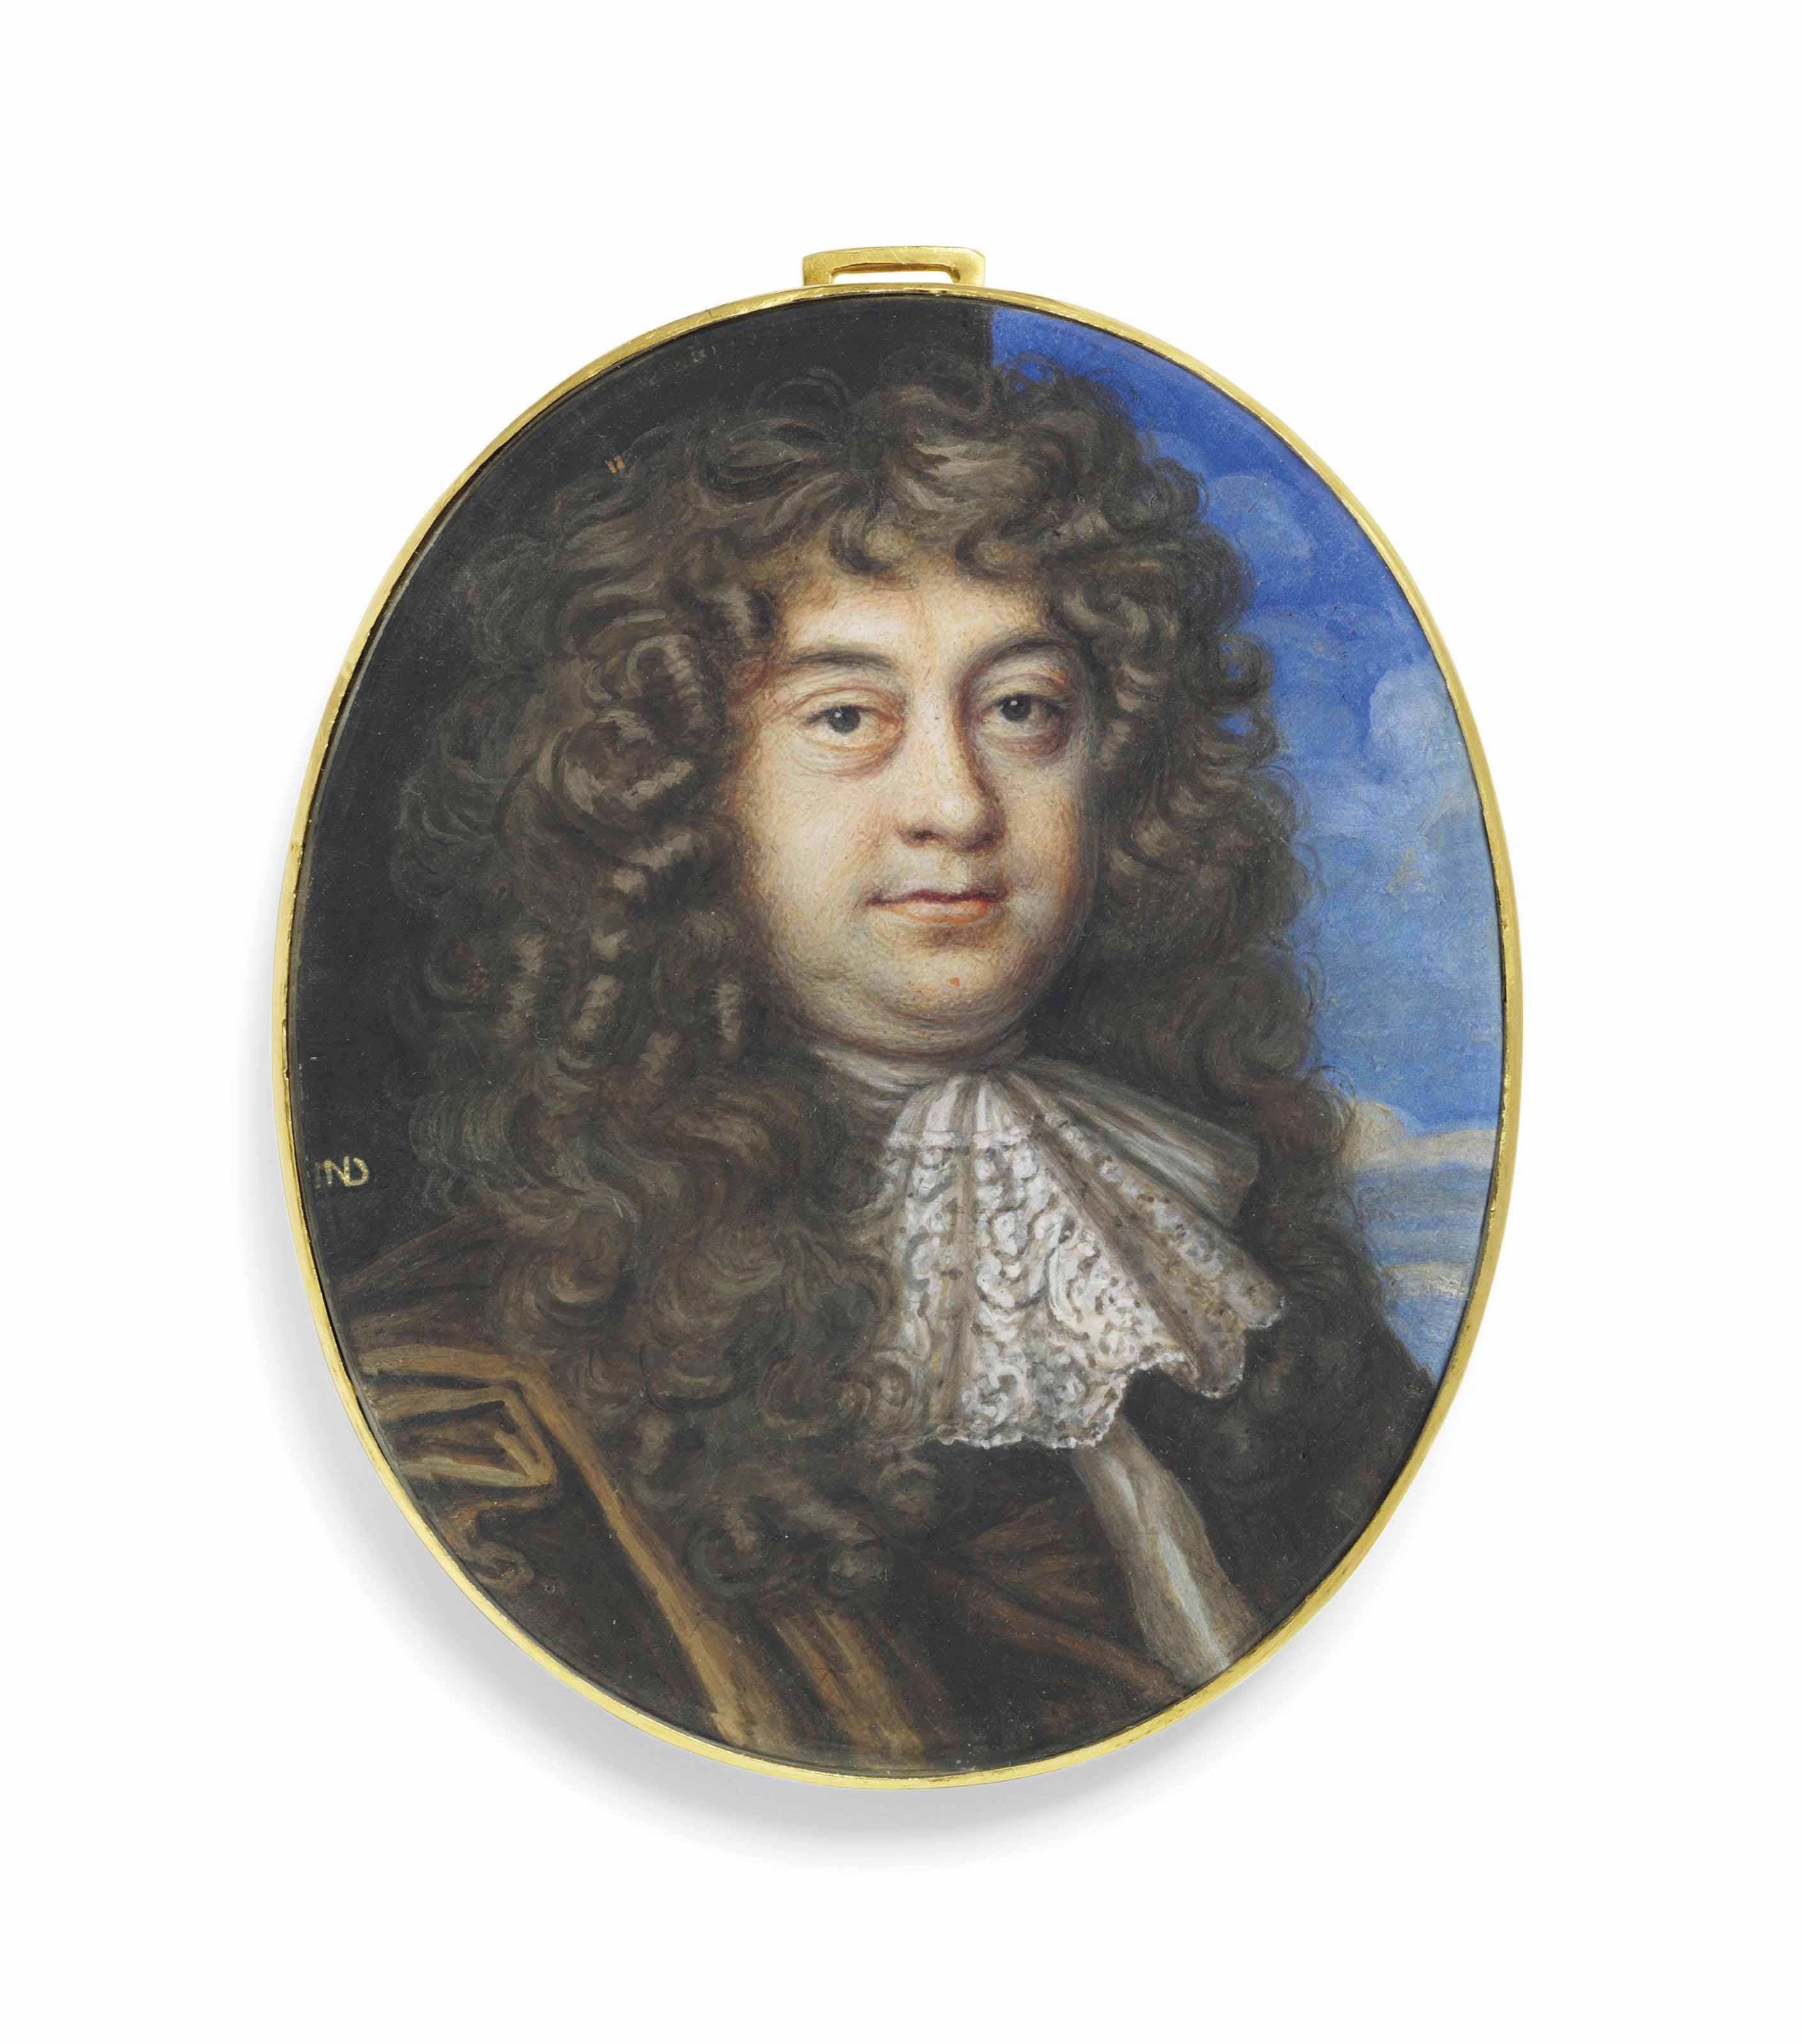 NICHOLAS DIXON (BRITISH, C. 1645-1708)